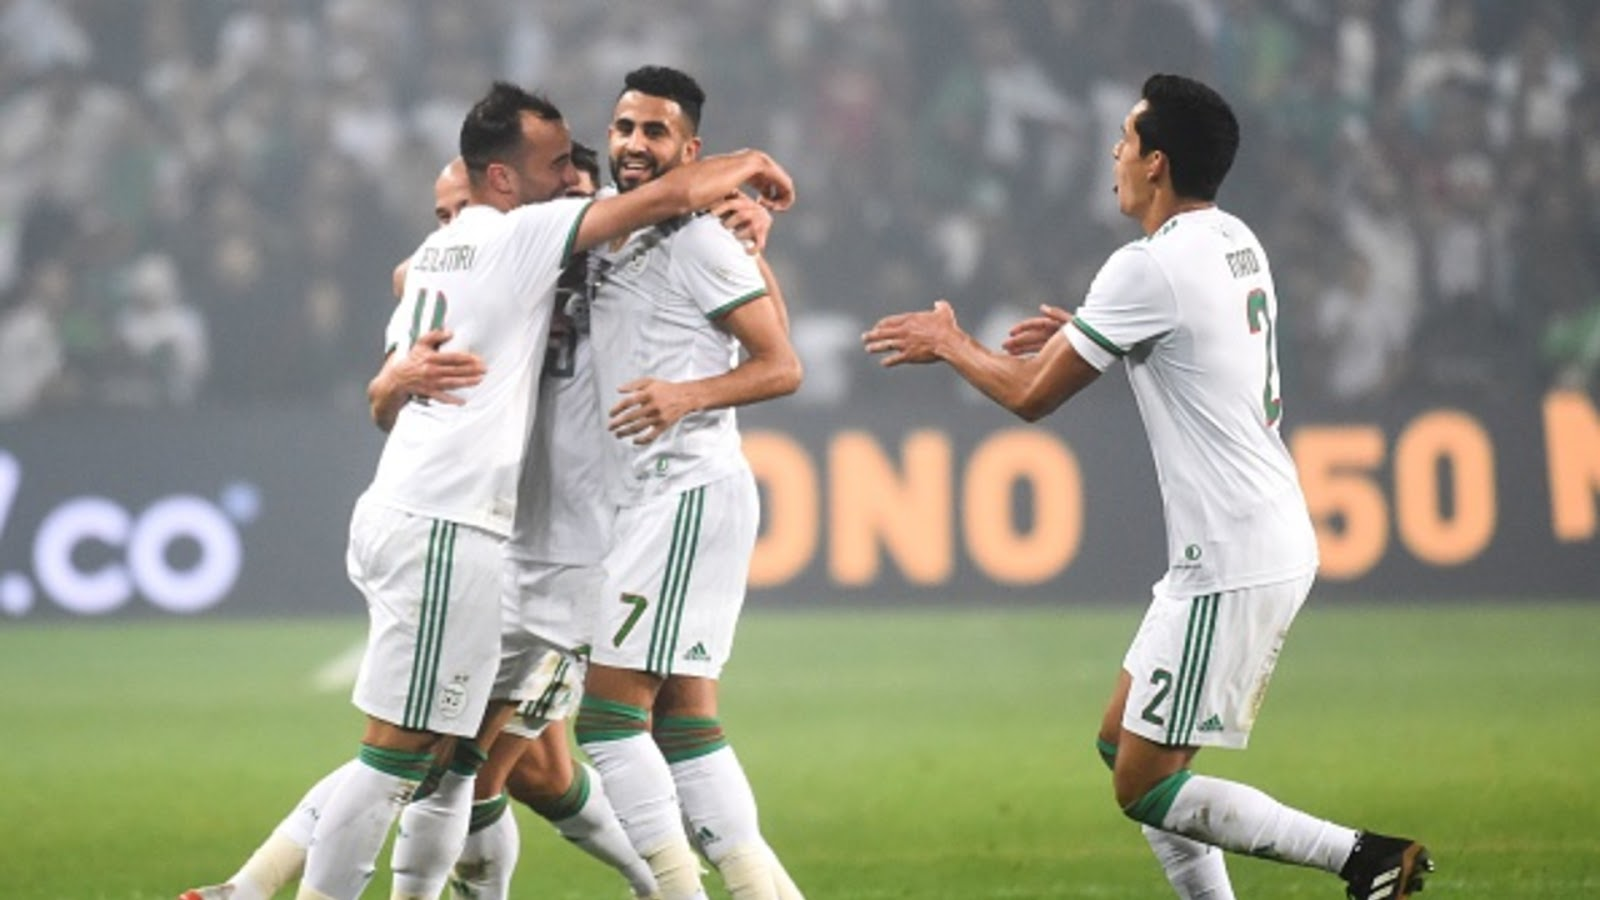 نتيجة مباراة الجزائر وبتسوانا بتاريخ 18-11-2019 تصفيات كأس أمم أفريقيا